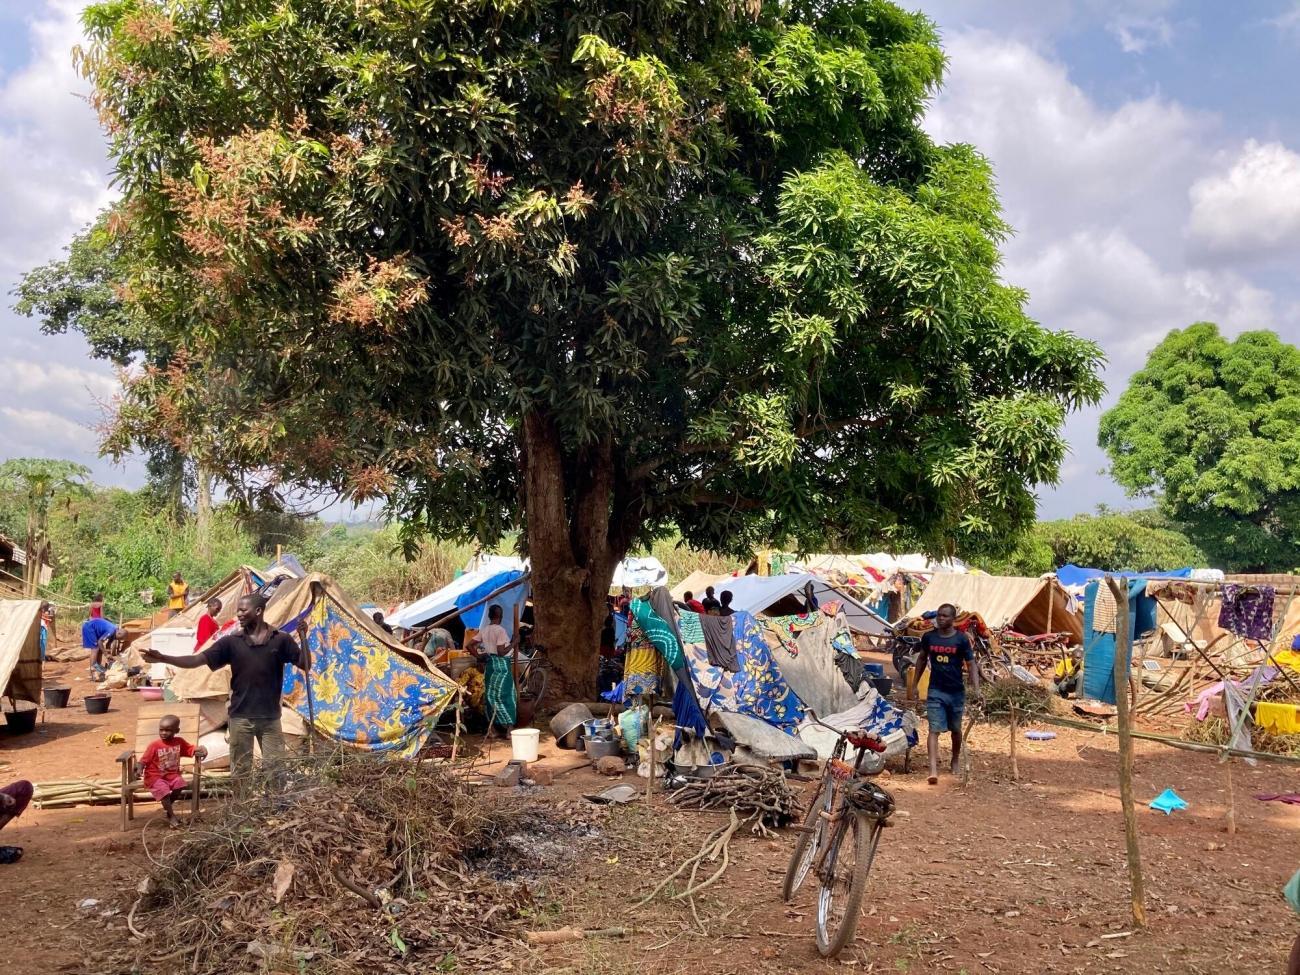 Vue de l'intérieur de la ville de Ndu, dans le nord de la RDC, où des milliers de Centrafricains se sont réfugiés suite à l'attaque d'un groupe armé non étatique sur Bangassou le 3 janvier.  © Dale Koninckx/MSF